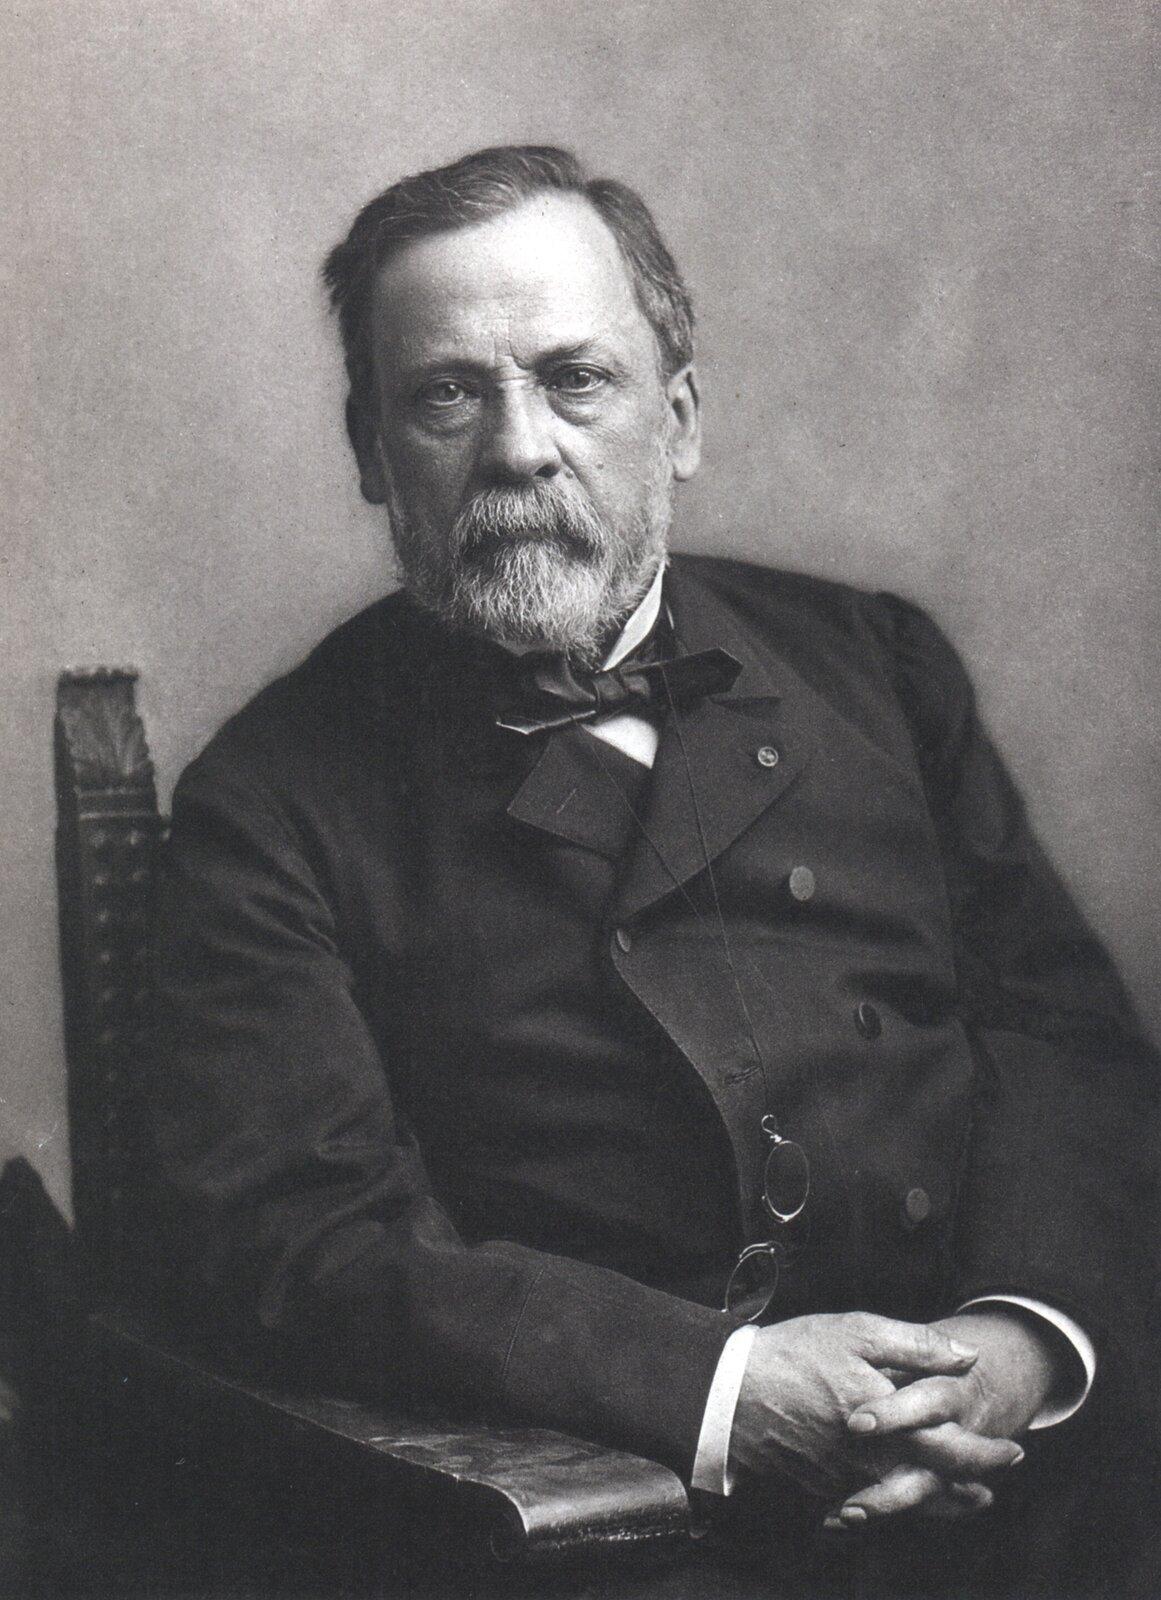 Ilustracja przedstawia portret siedzącego na krześle mężczyzny wśrednim wieku. Ma wąsy ibrodę.